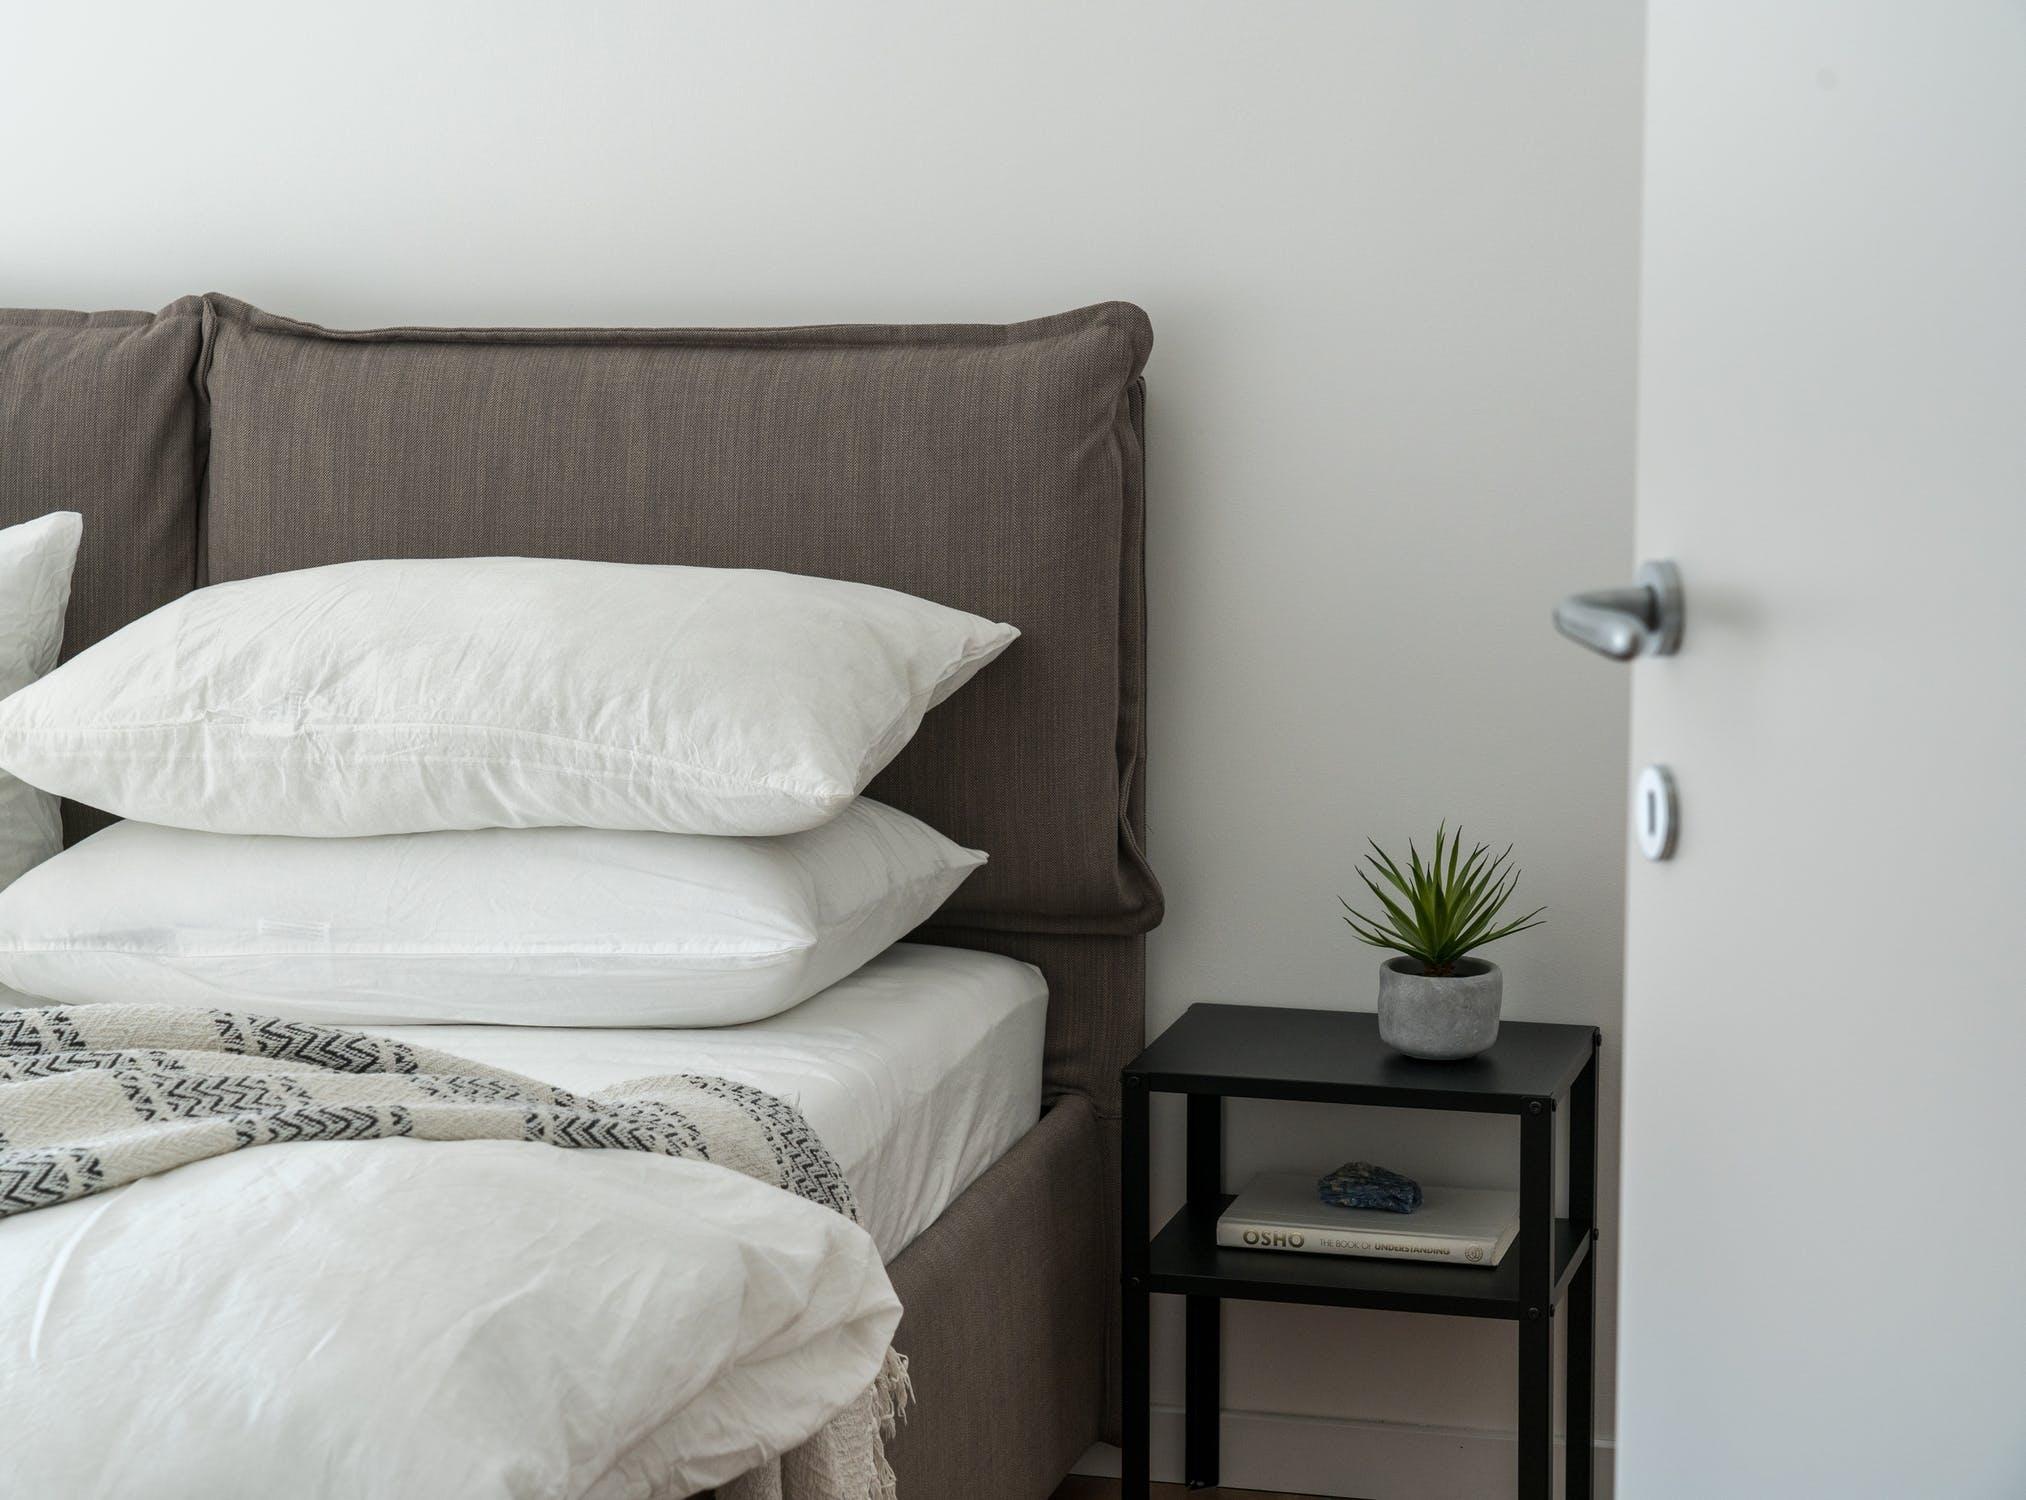 Le prix d'un traitement contre les punaises de lit